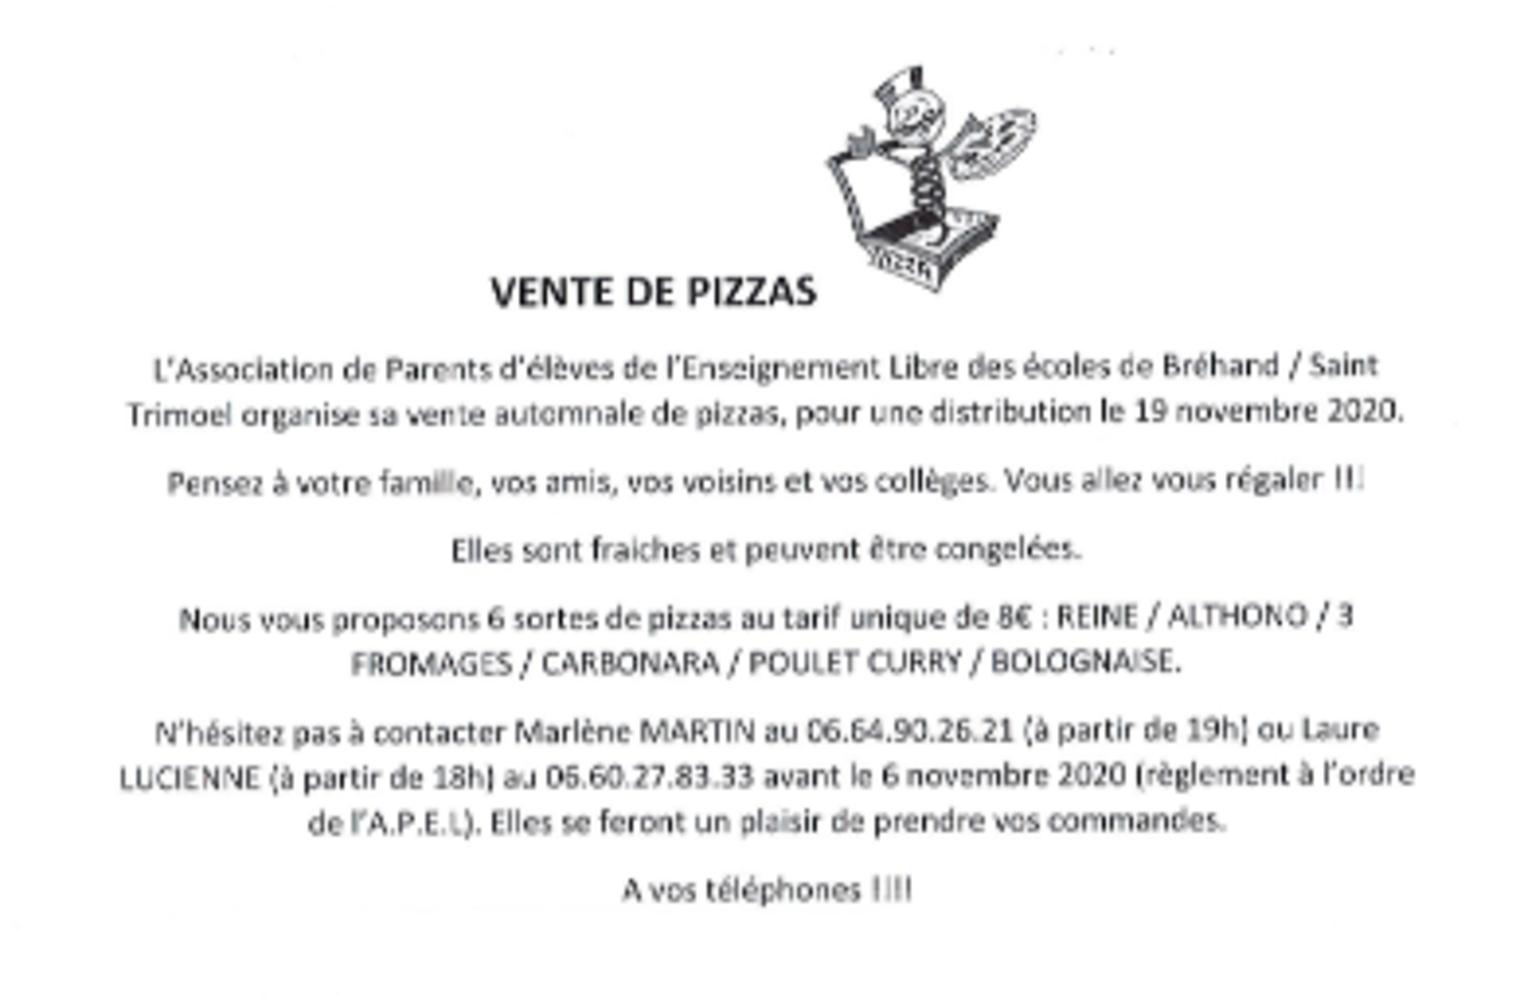 Vente de pizzas 0